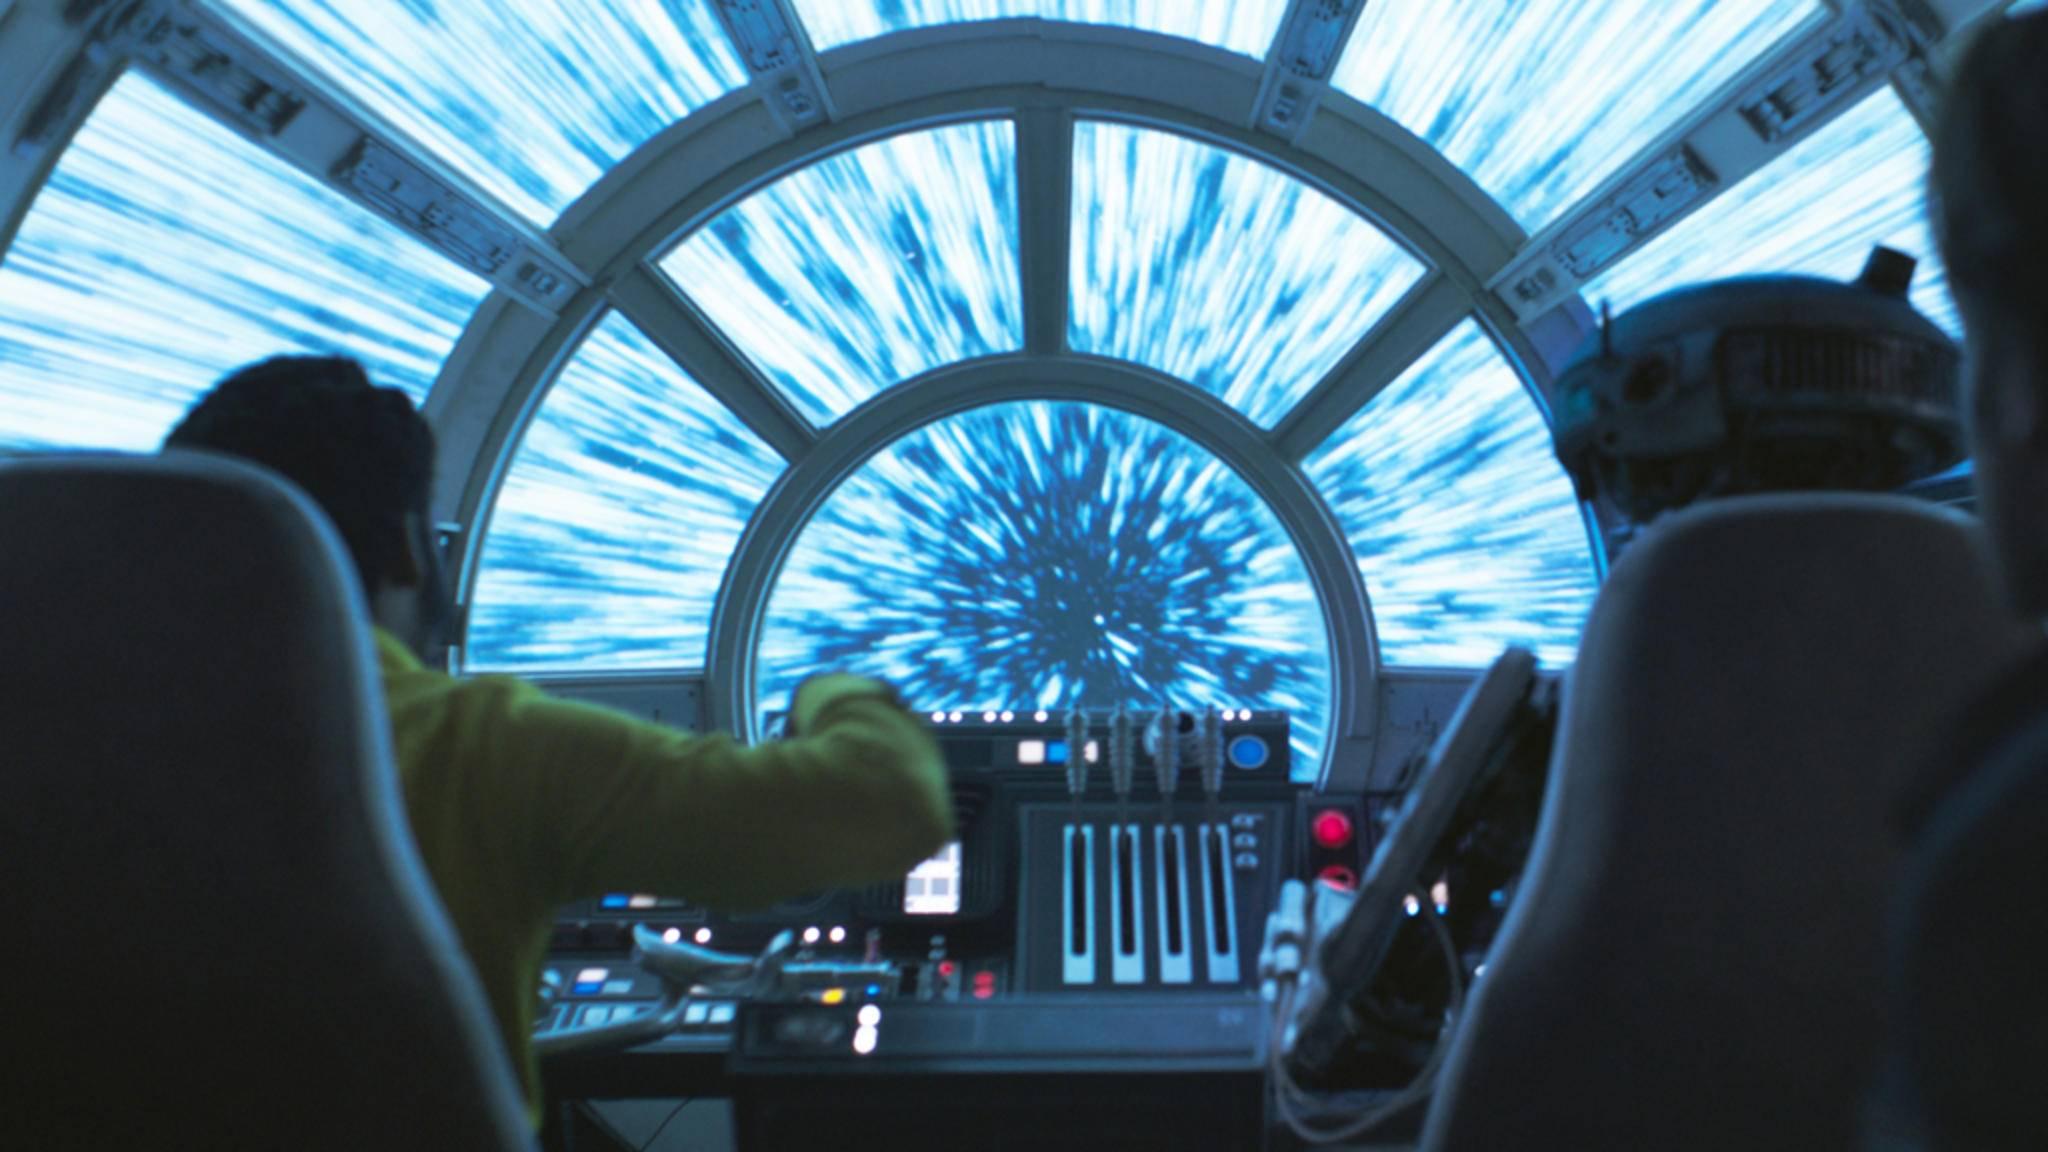 """Wo die Reise für Disney mit """"Star Wars"""" hingeht? Wir werden sehen ..."""